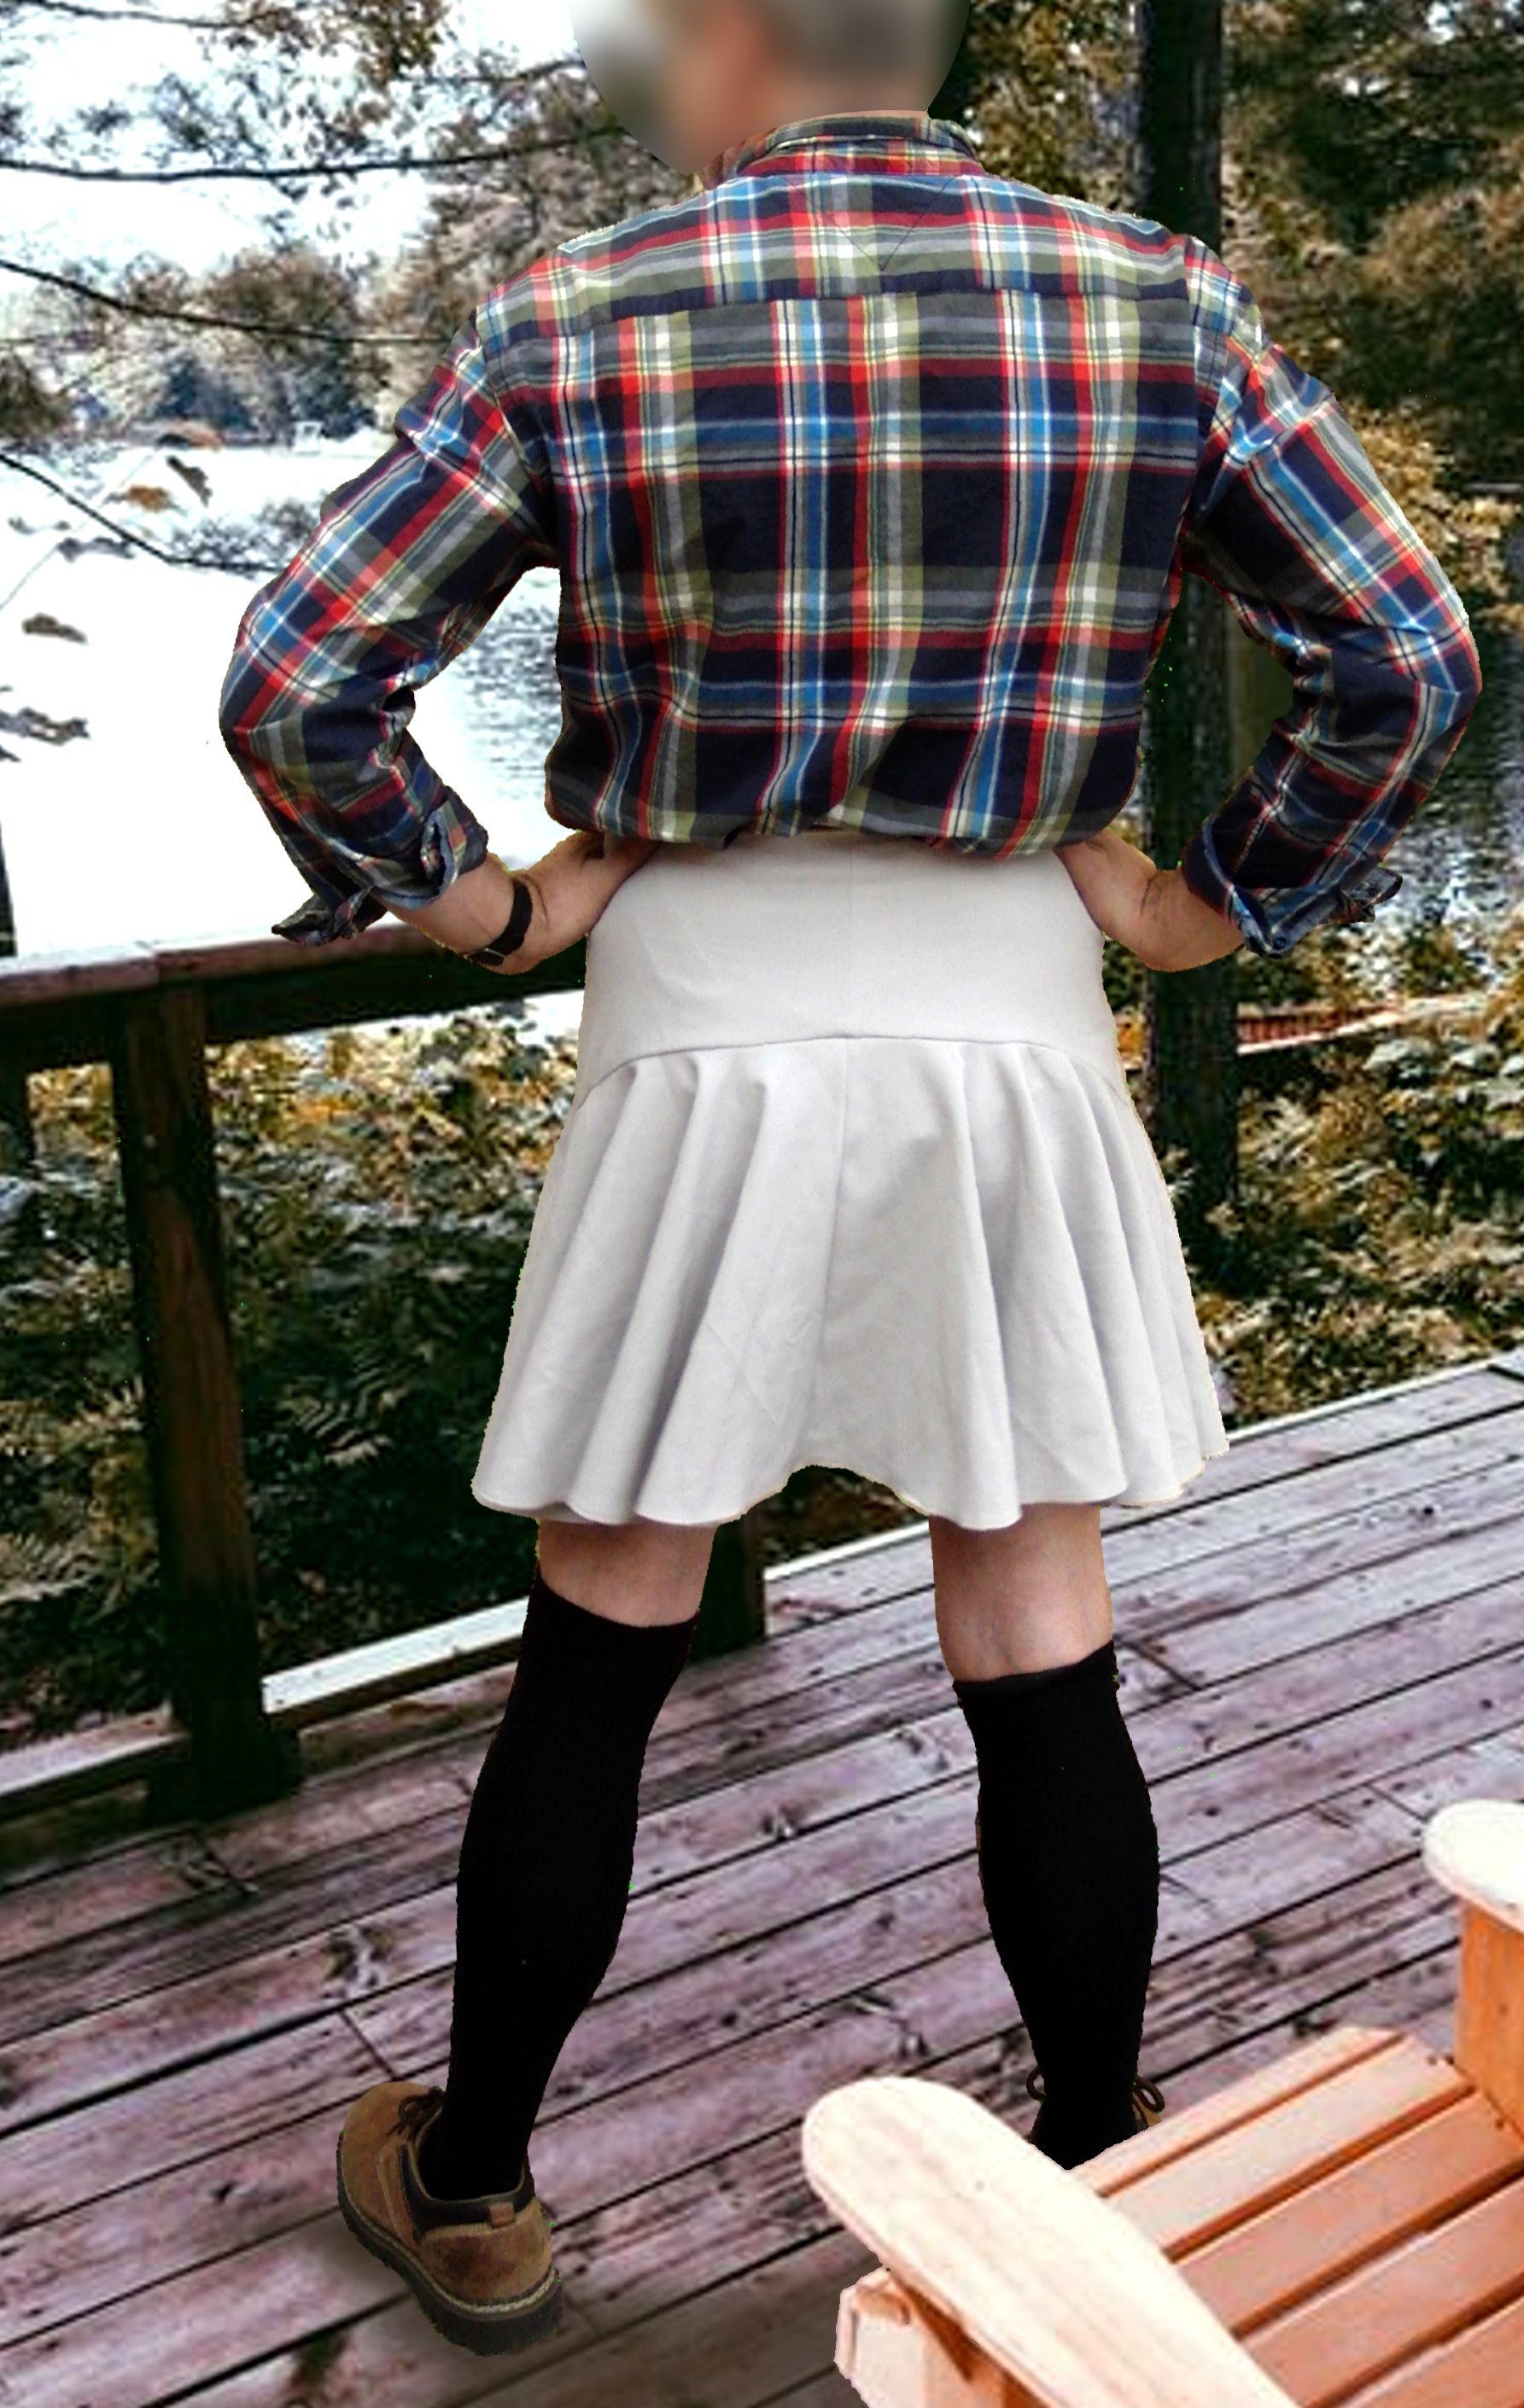 Men can wear skirts  9fbf39daec8d9